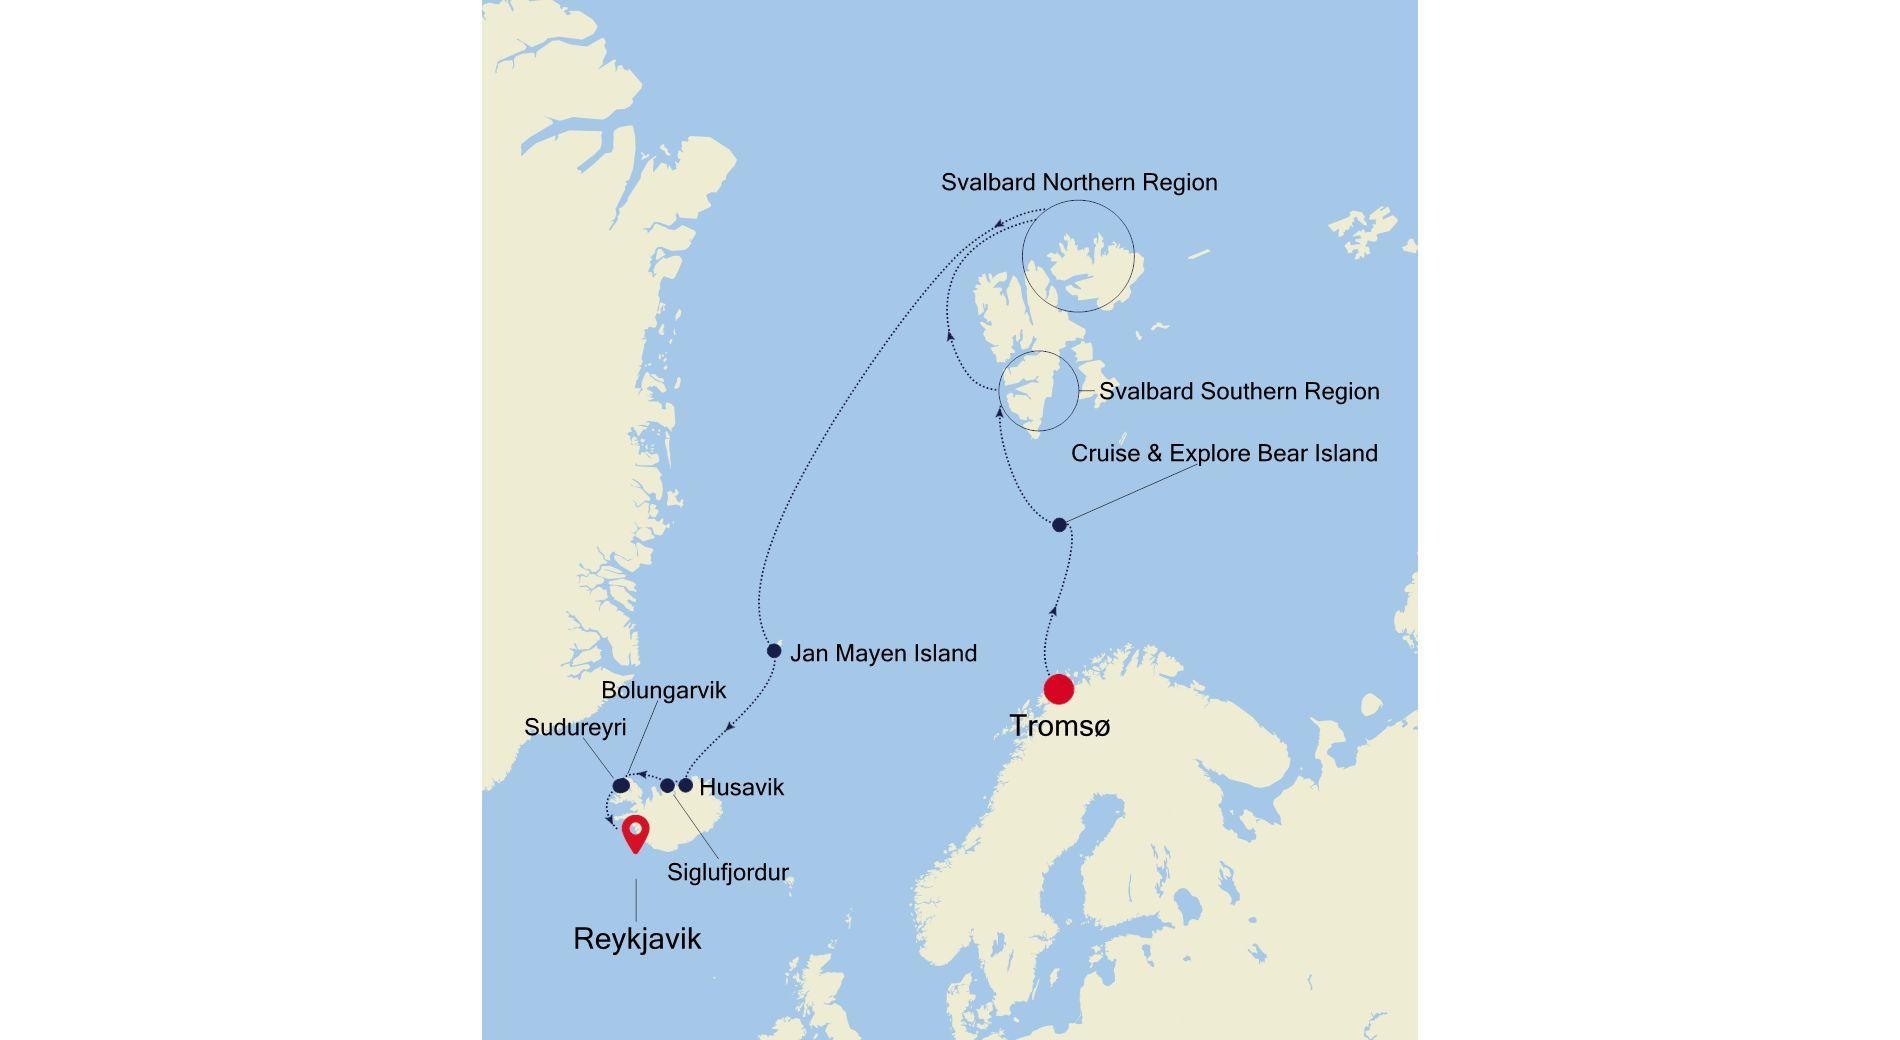 WI210809013 - Tromsø to Reykjavik